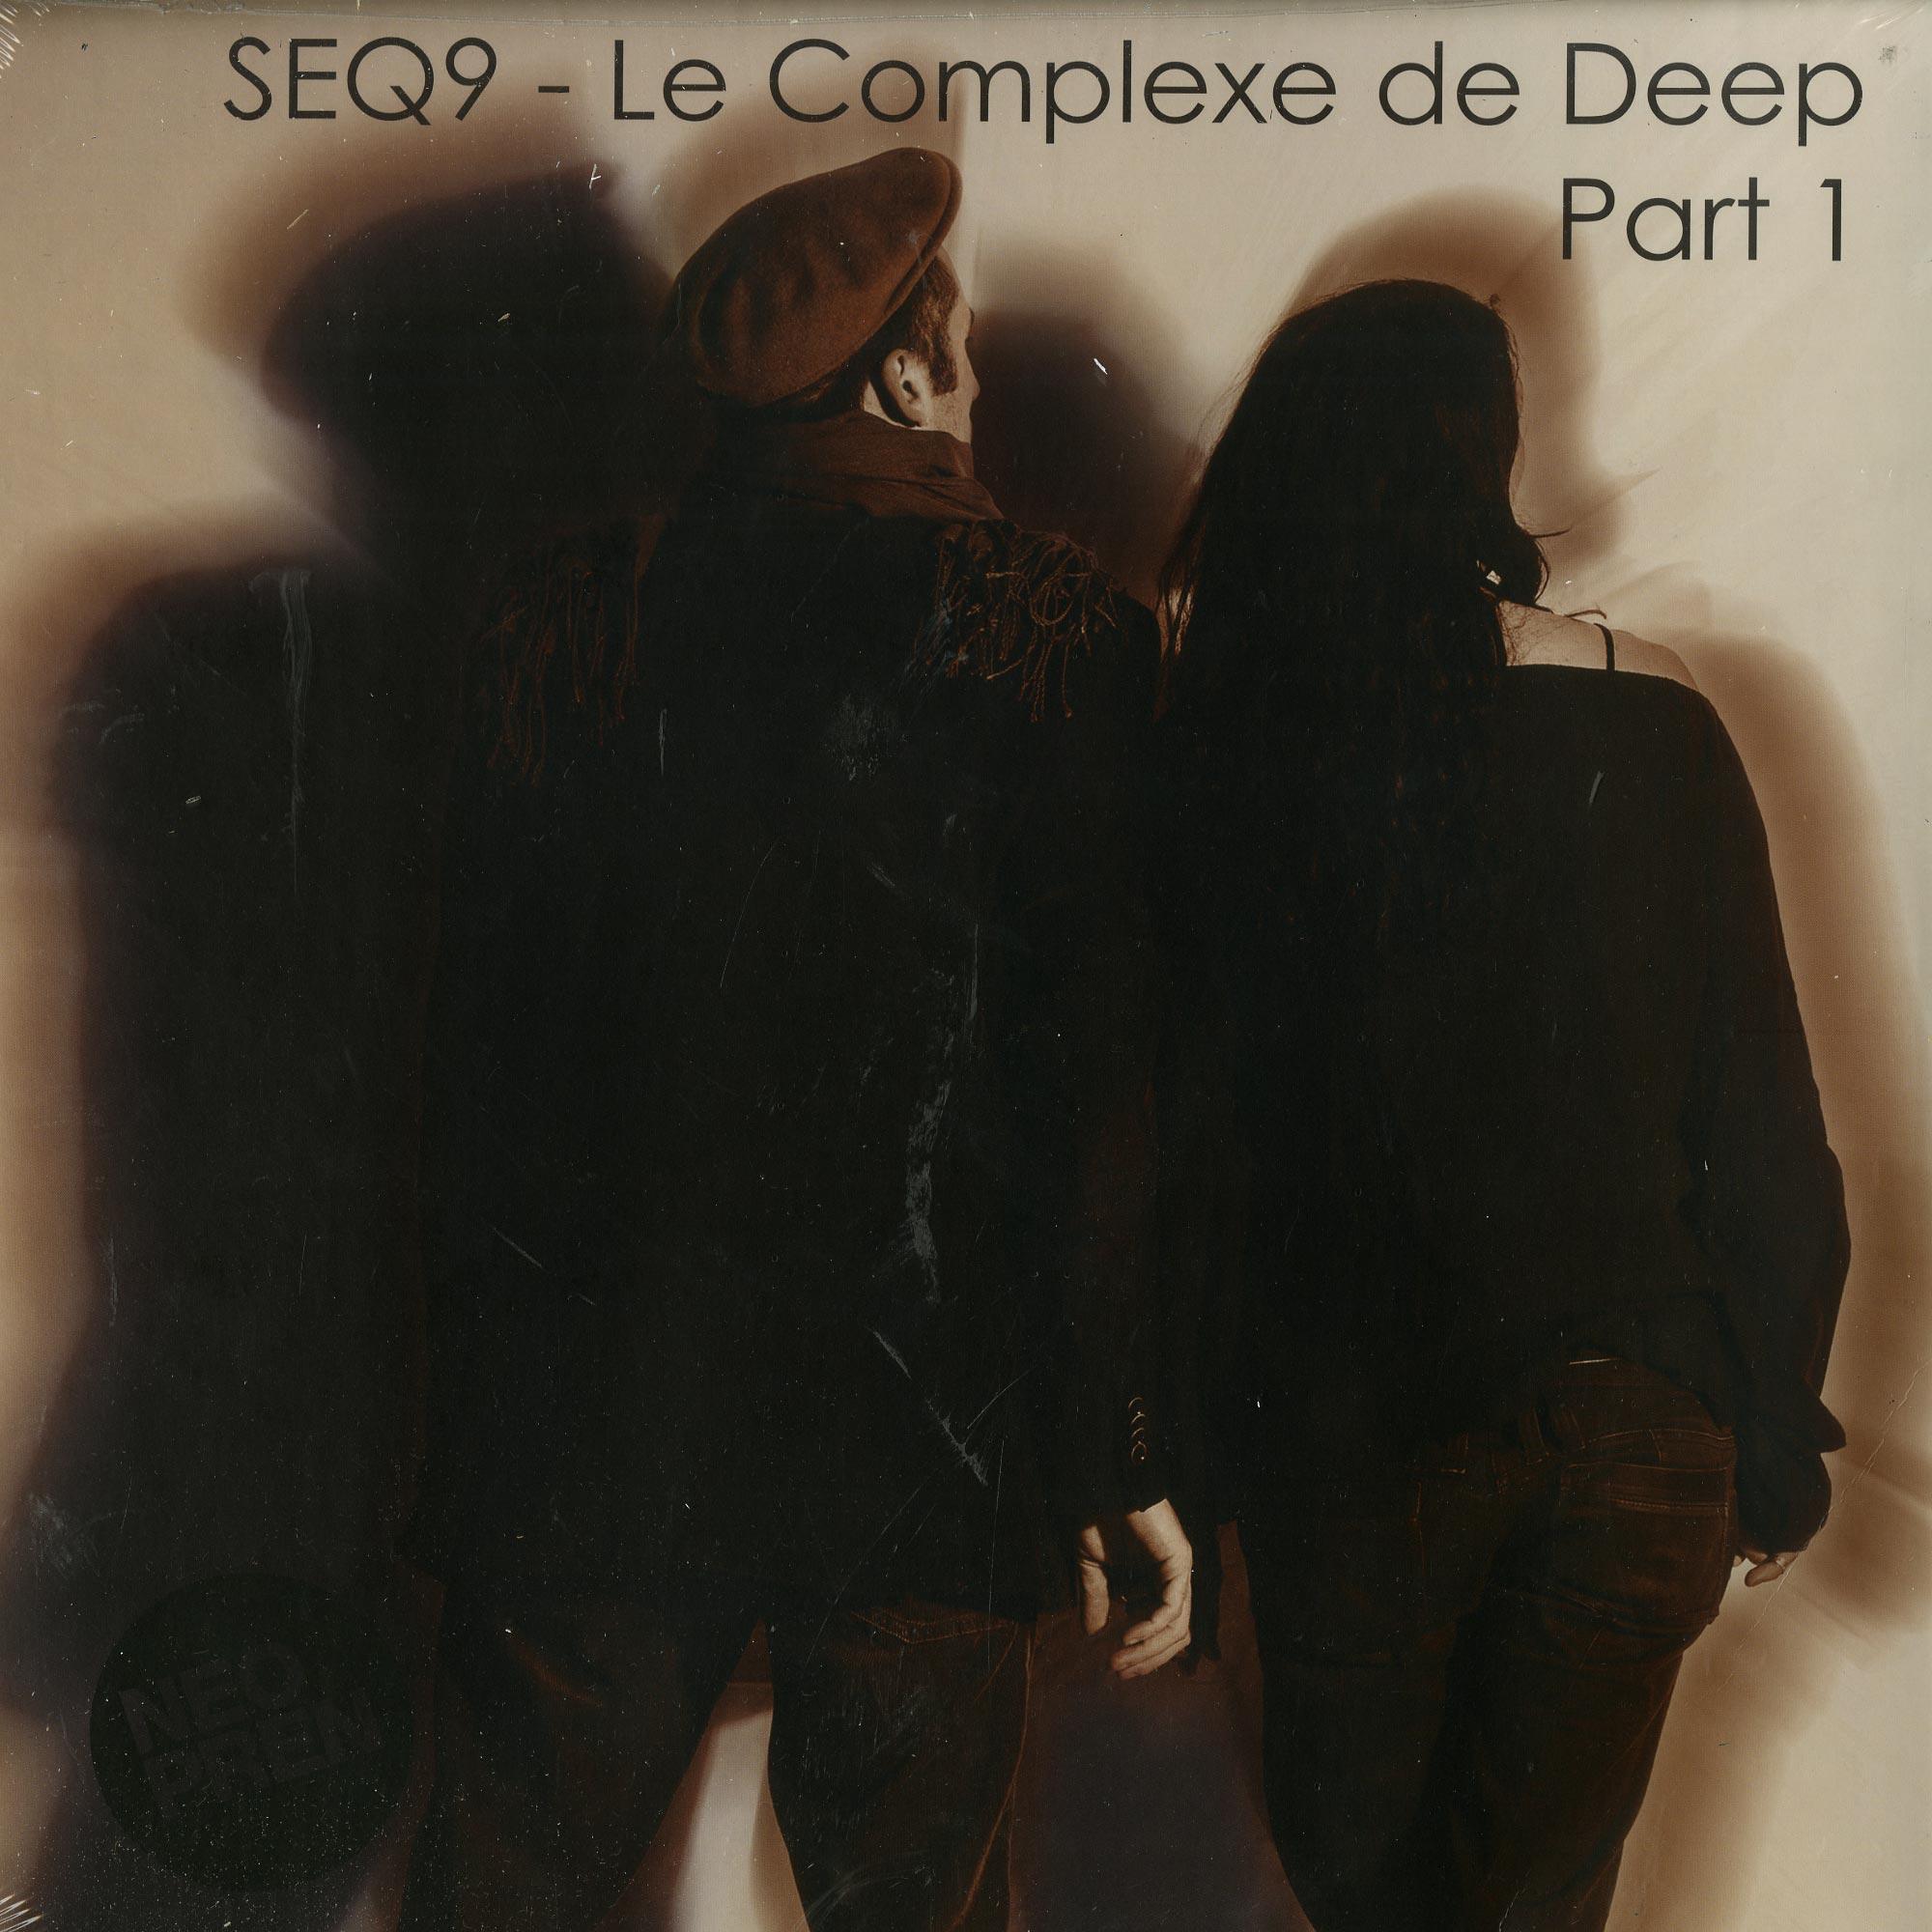 Seq9 - LE COMPLEXE DE DEEP